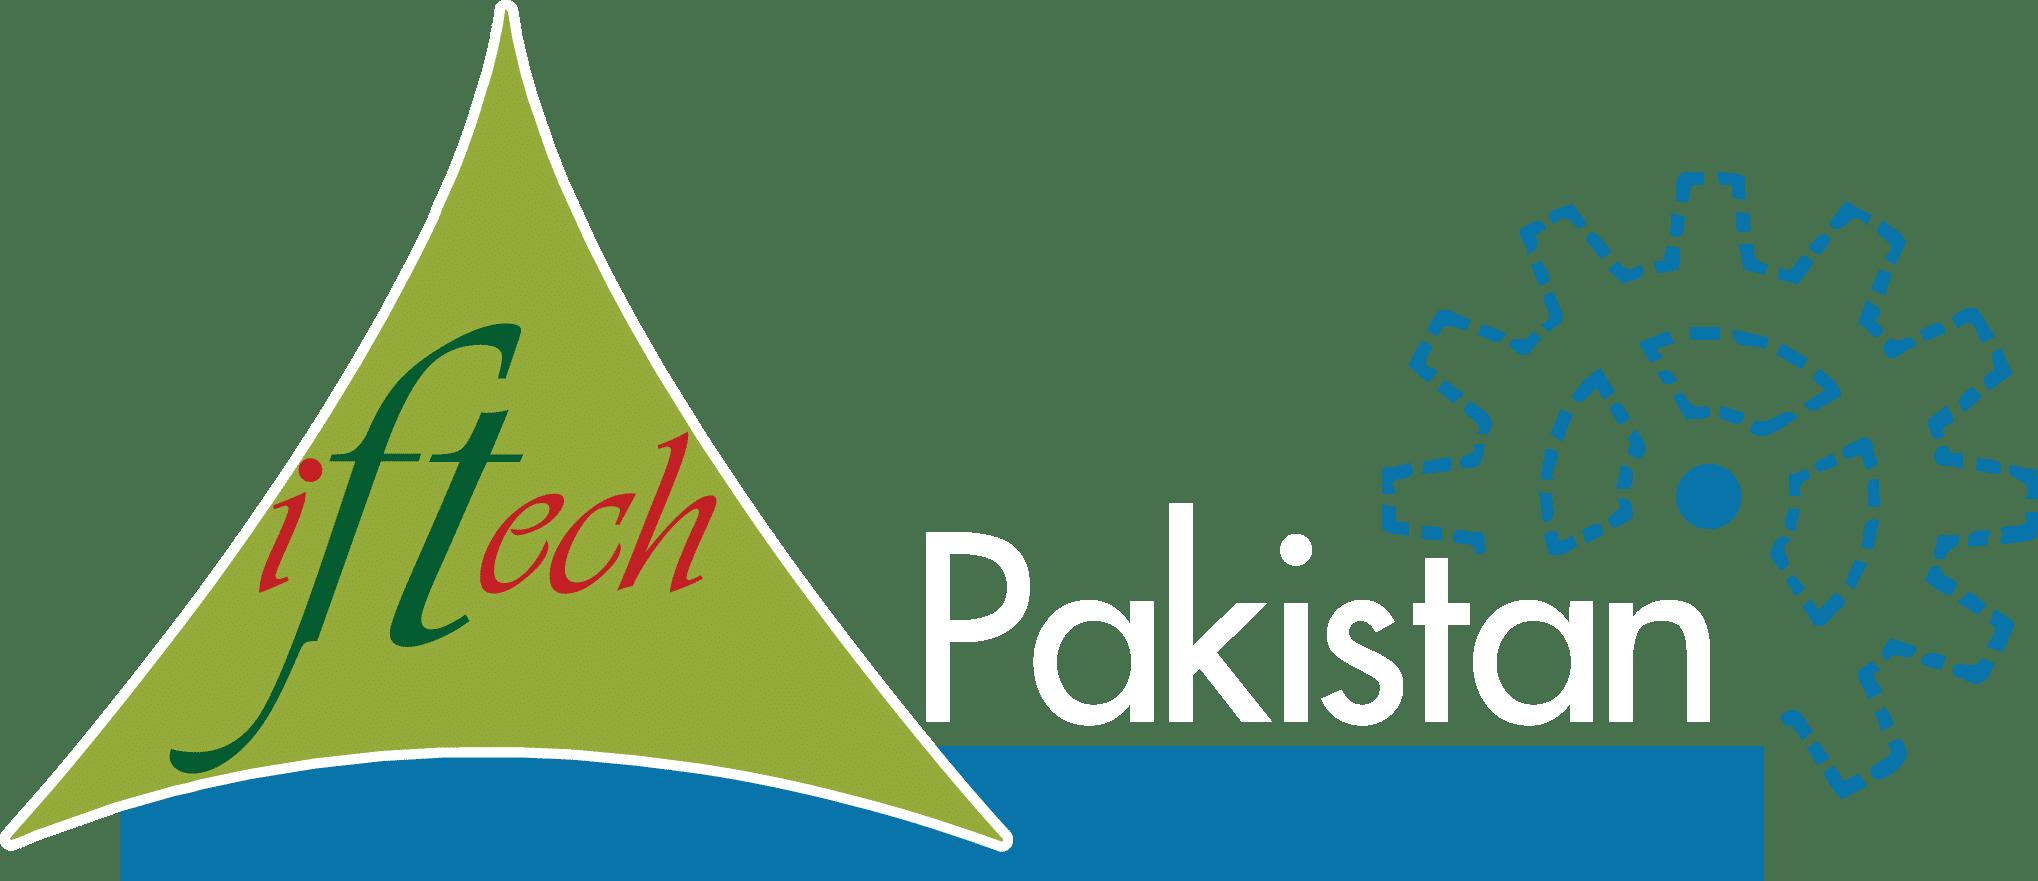 Iftech Pakistan